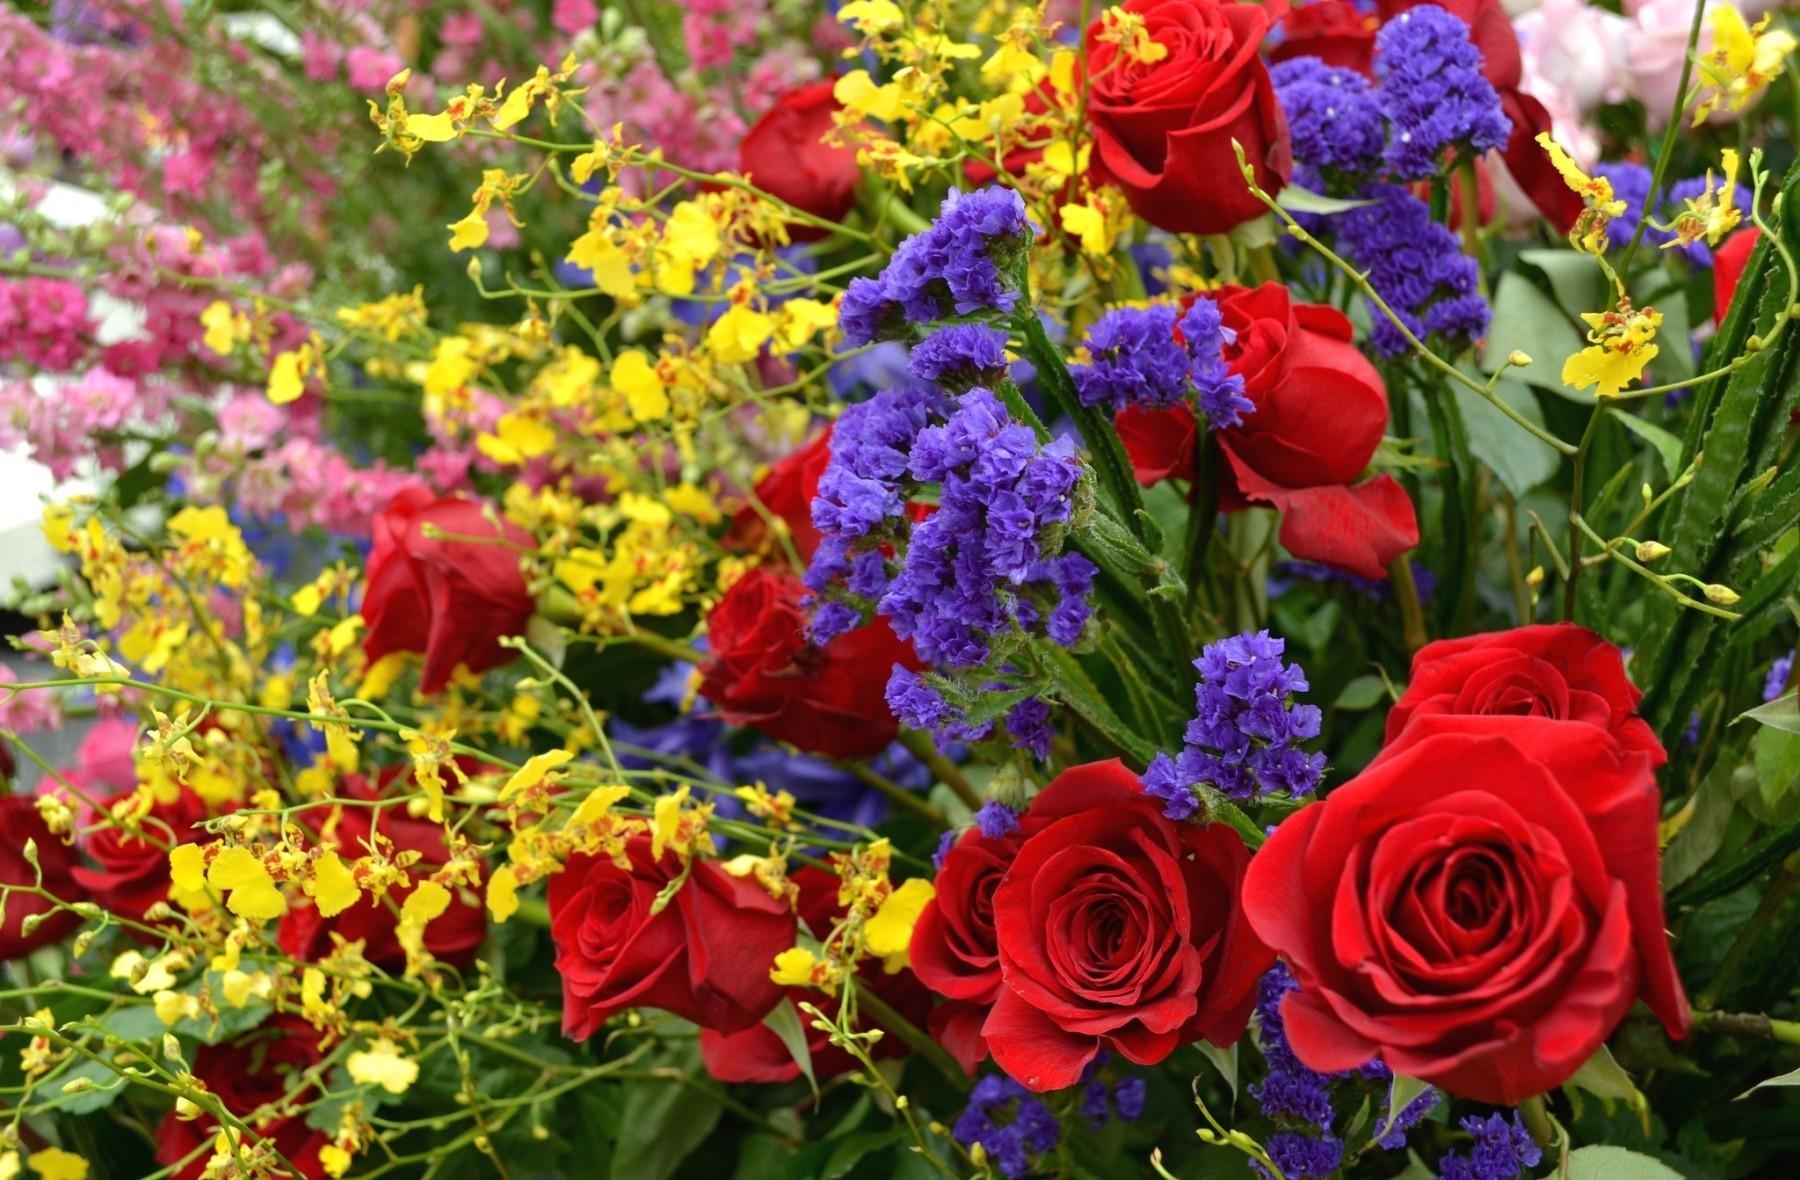 вам необходим картинки цветов фотографии цветов задаются вопросом